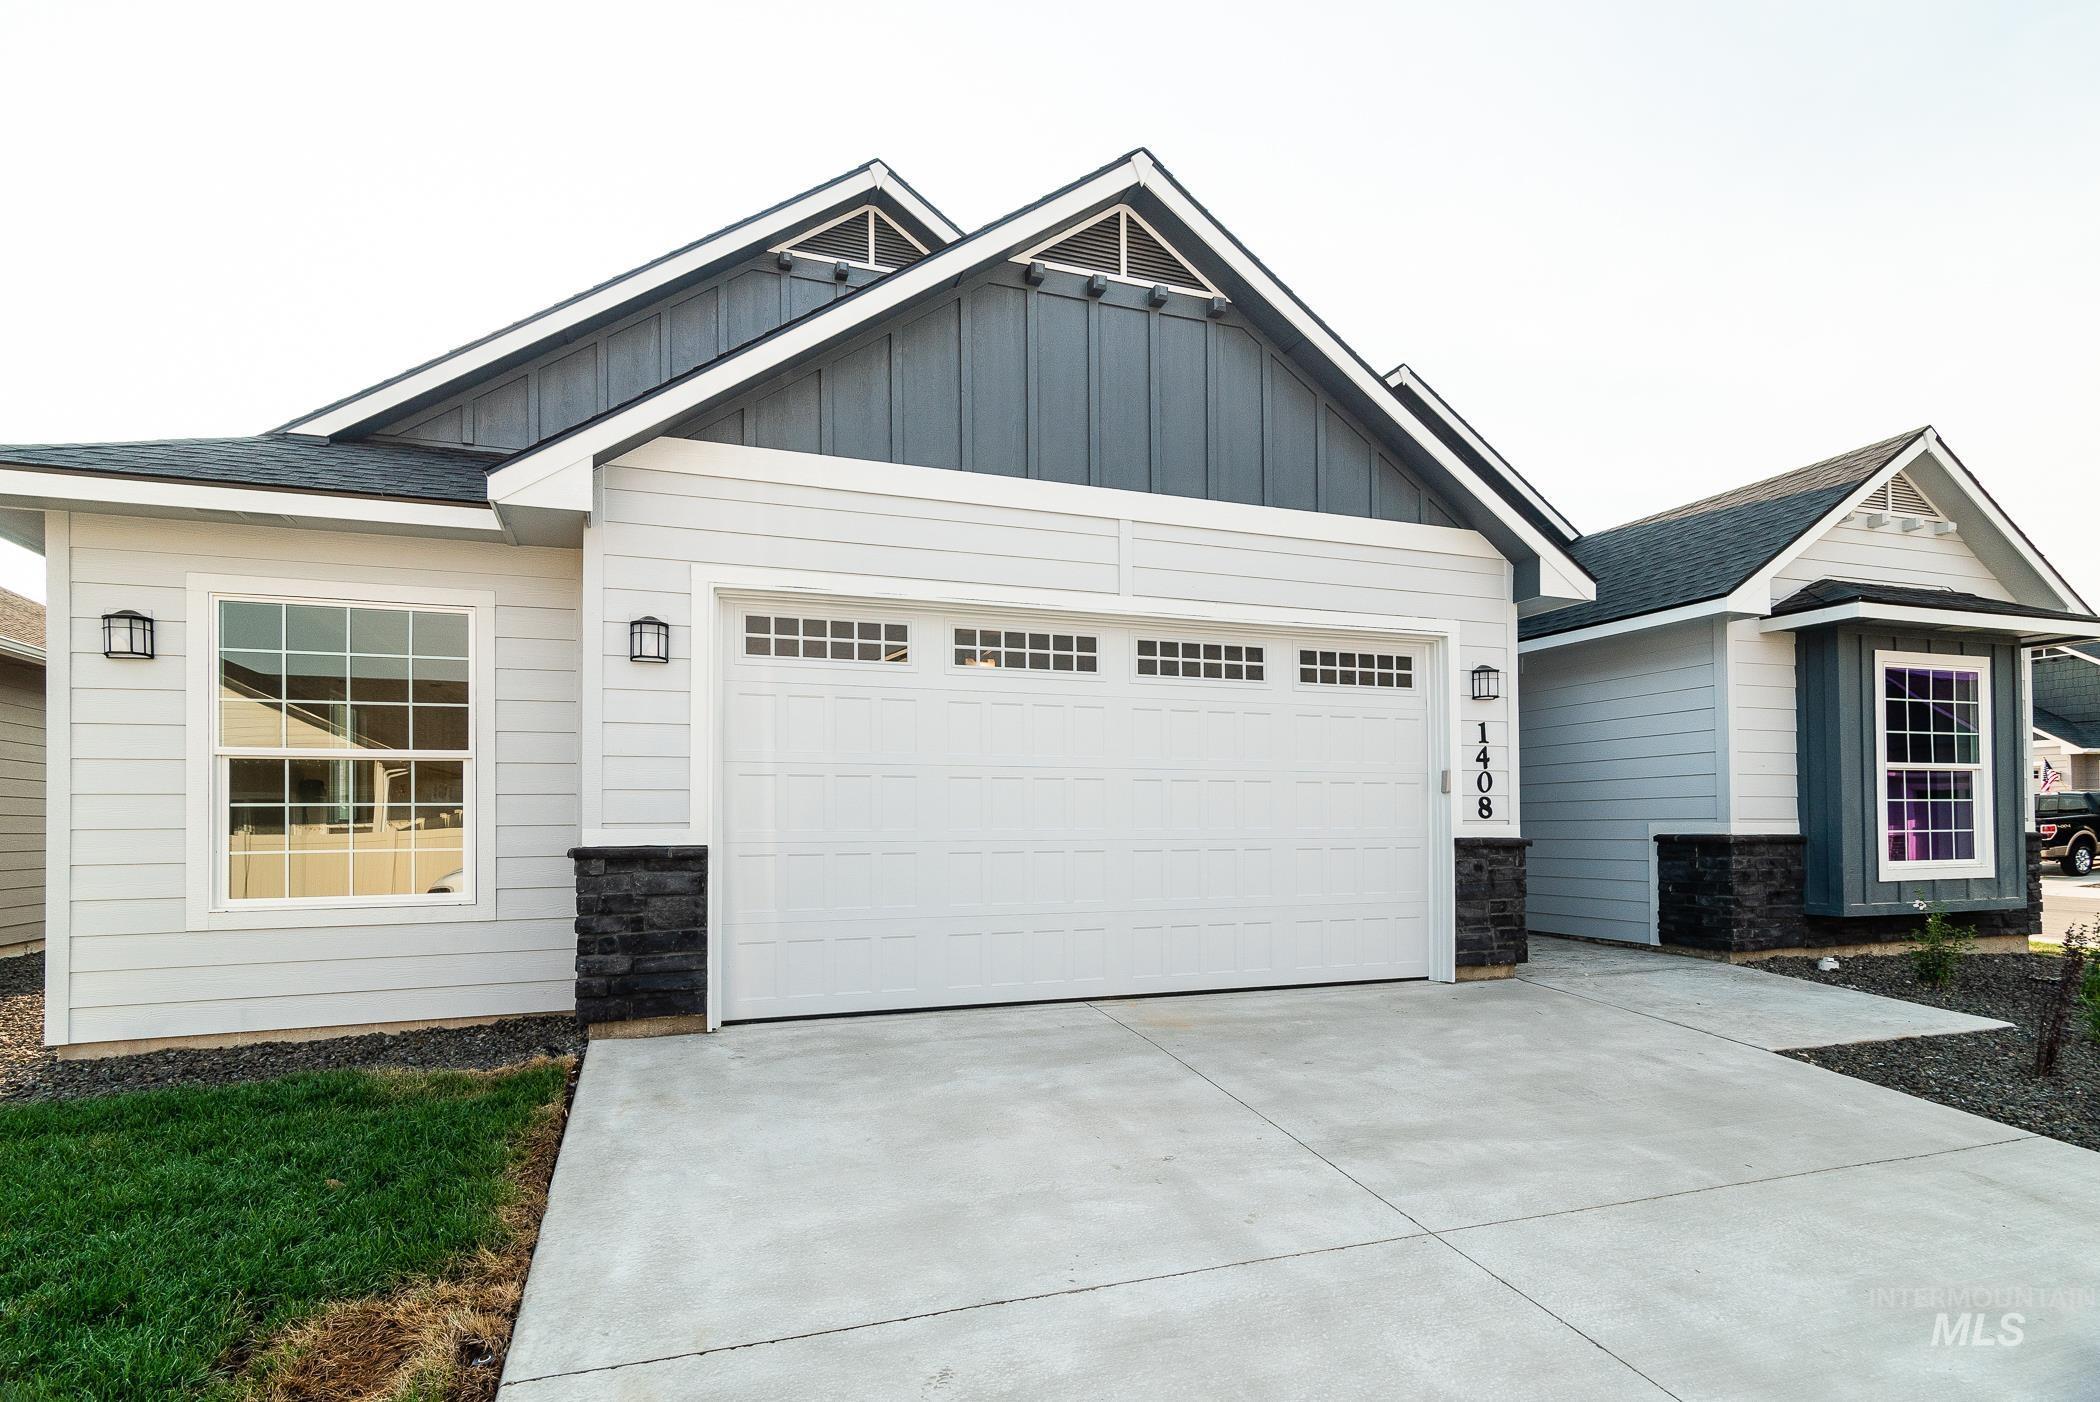 1408 W Tumble Creek Dr Property Photo